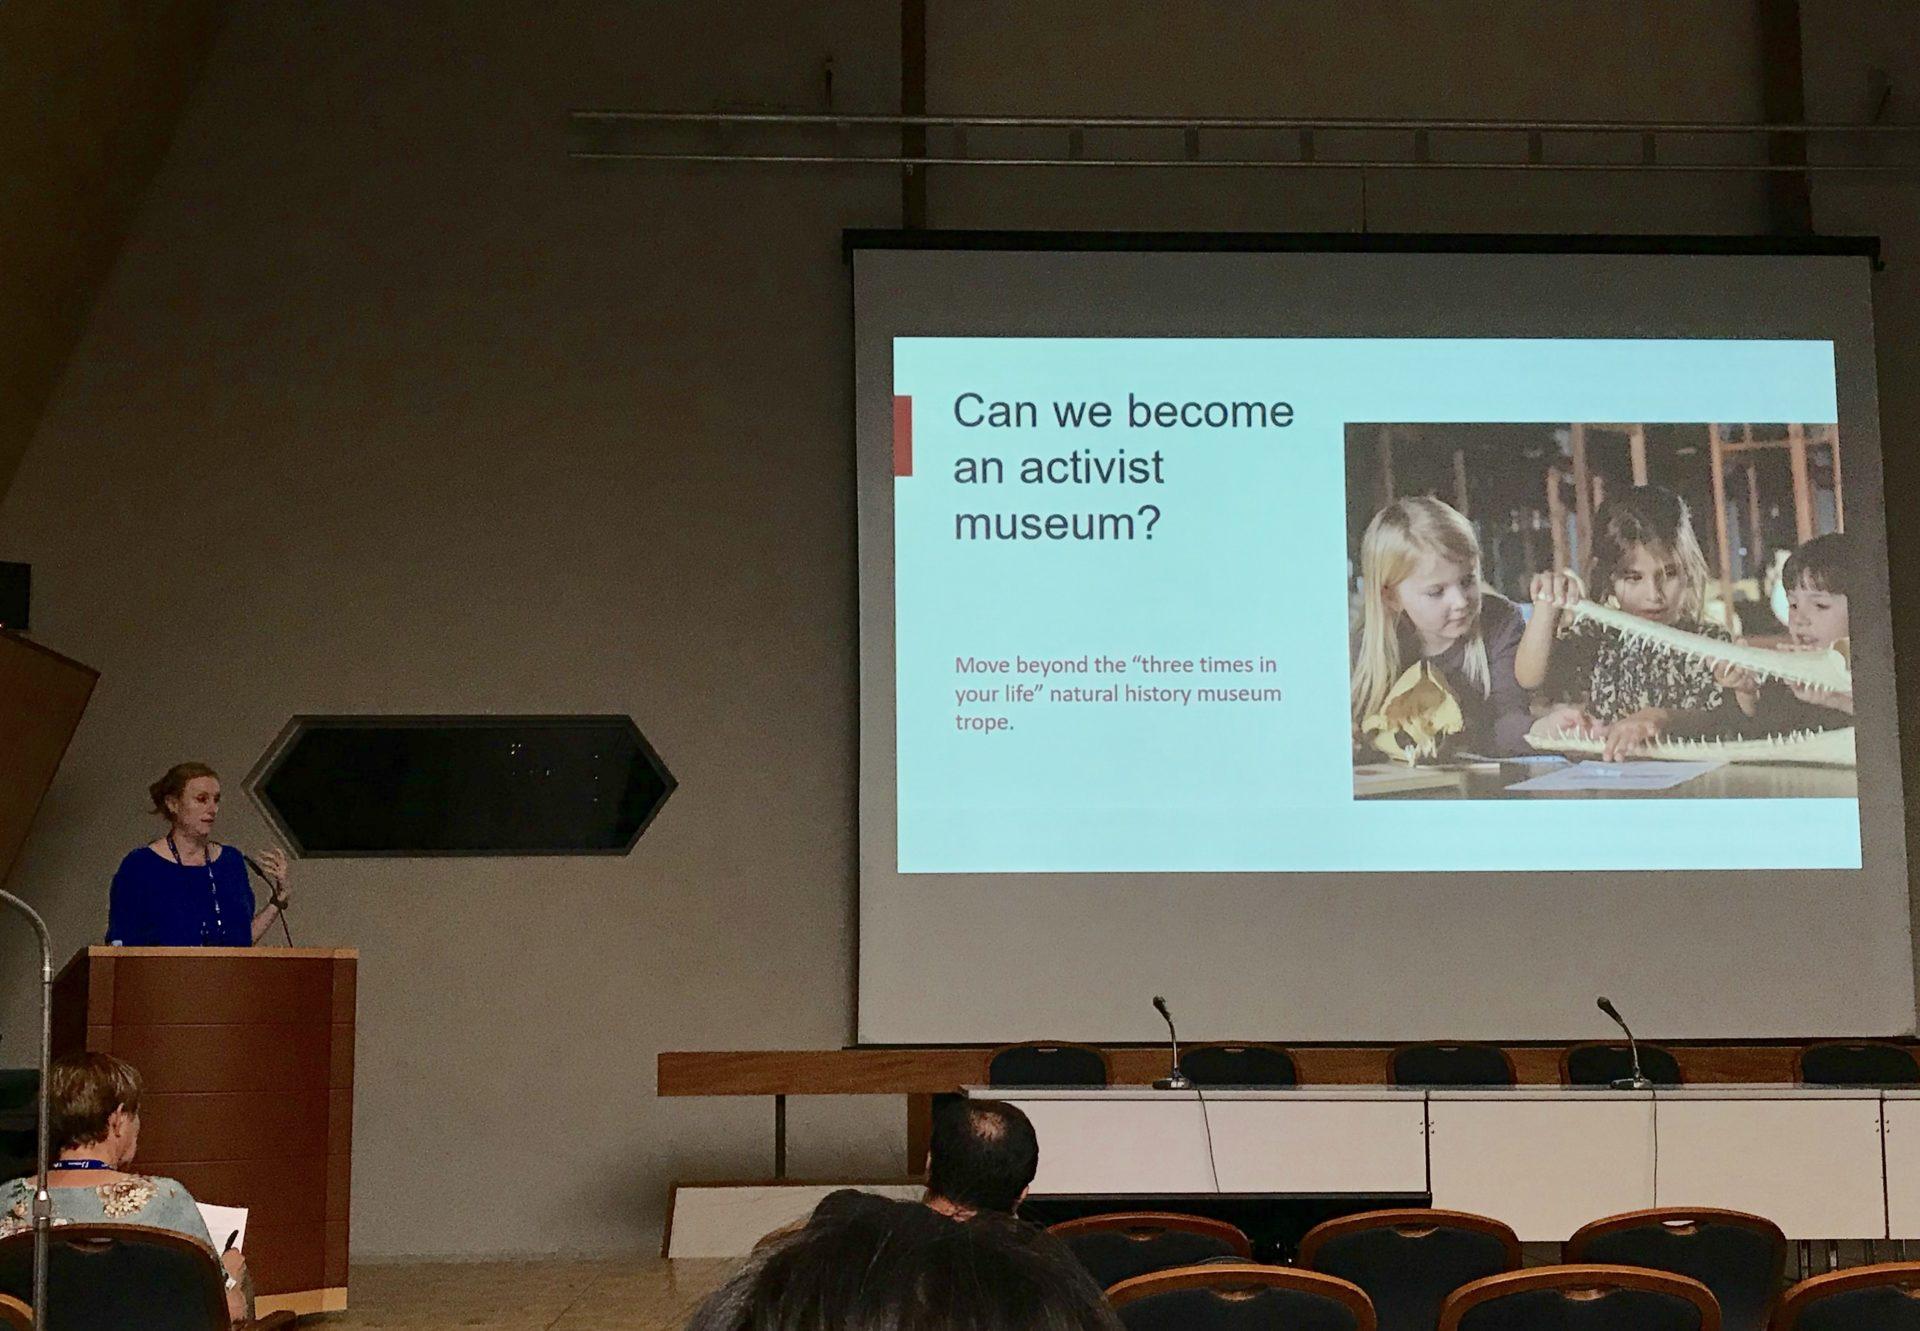 丹麥自然史博物館副館長Juliette Fritsch提出「行動派博物館」的反思(謝文馨攝影)